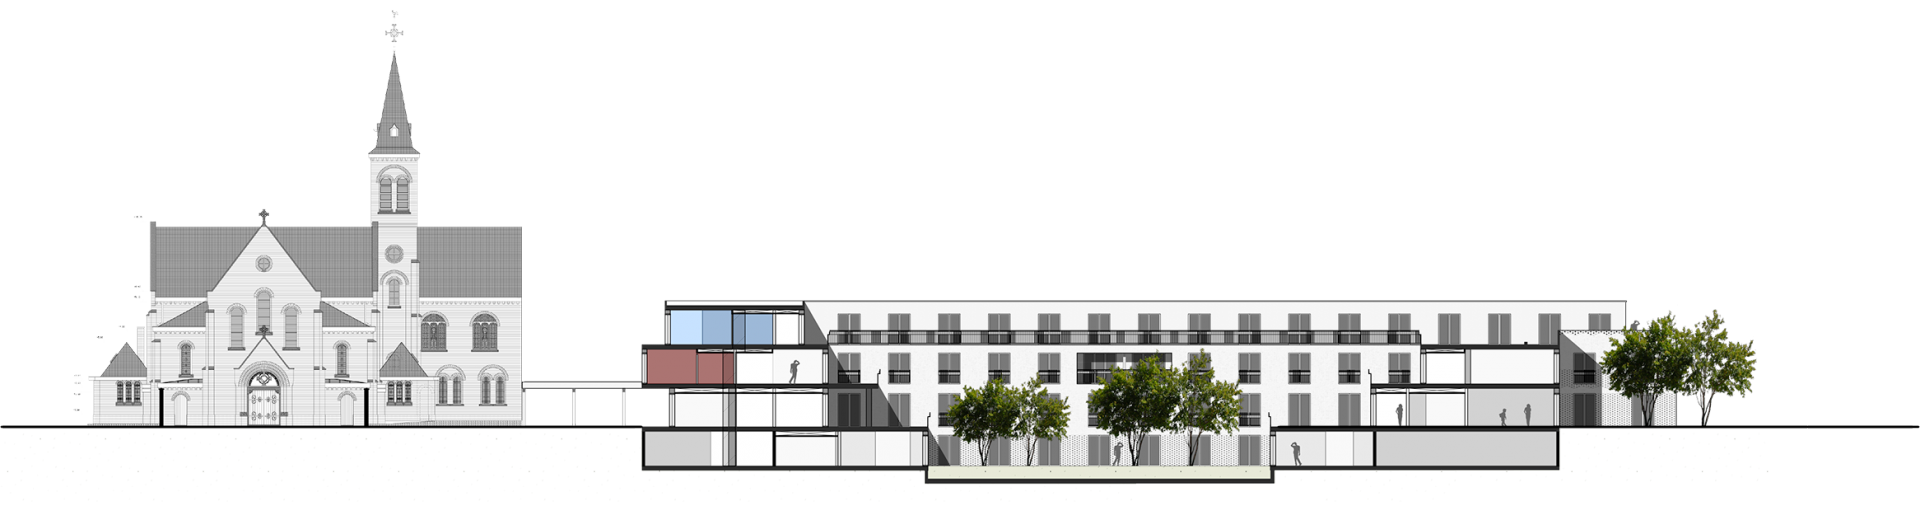 Kruishoutem Section